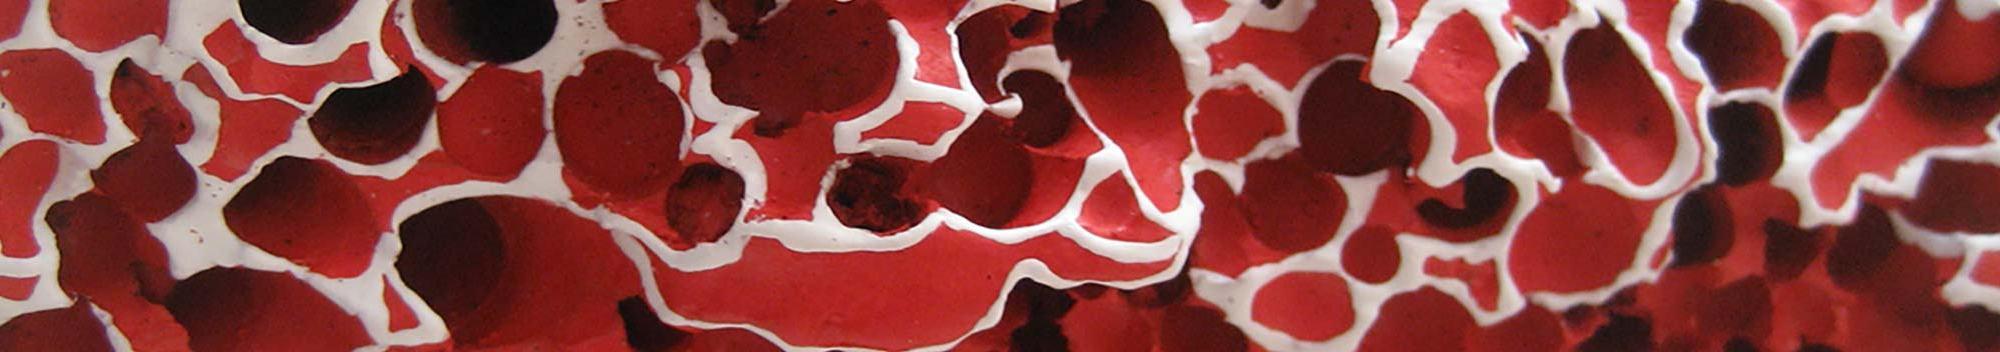 Corail - détail - 42 x 87 cm - acrylique sur bois flotté - © Annie Thérie